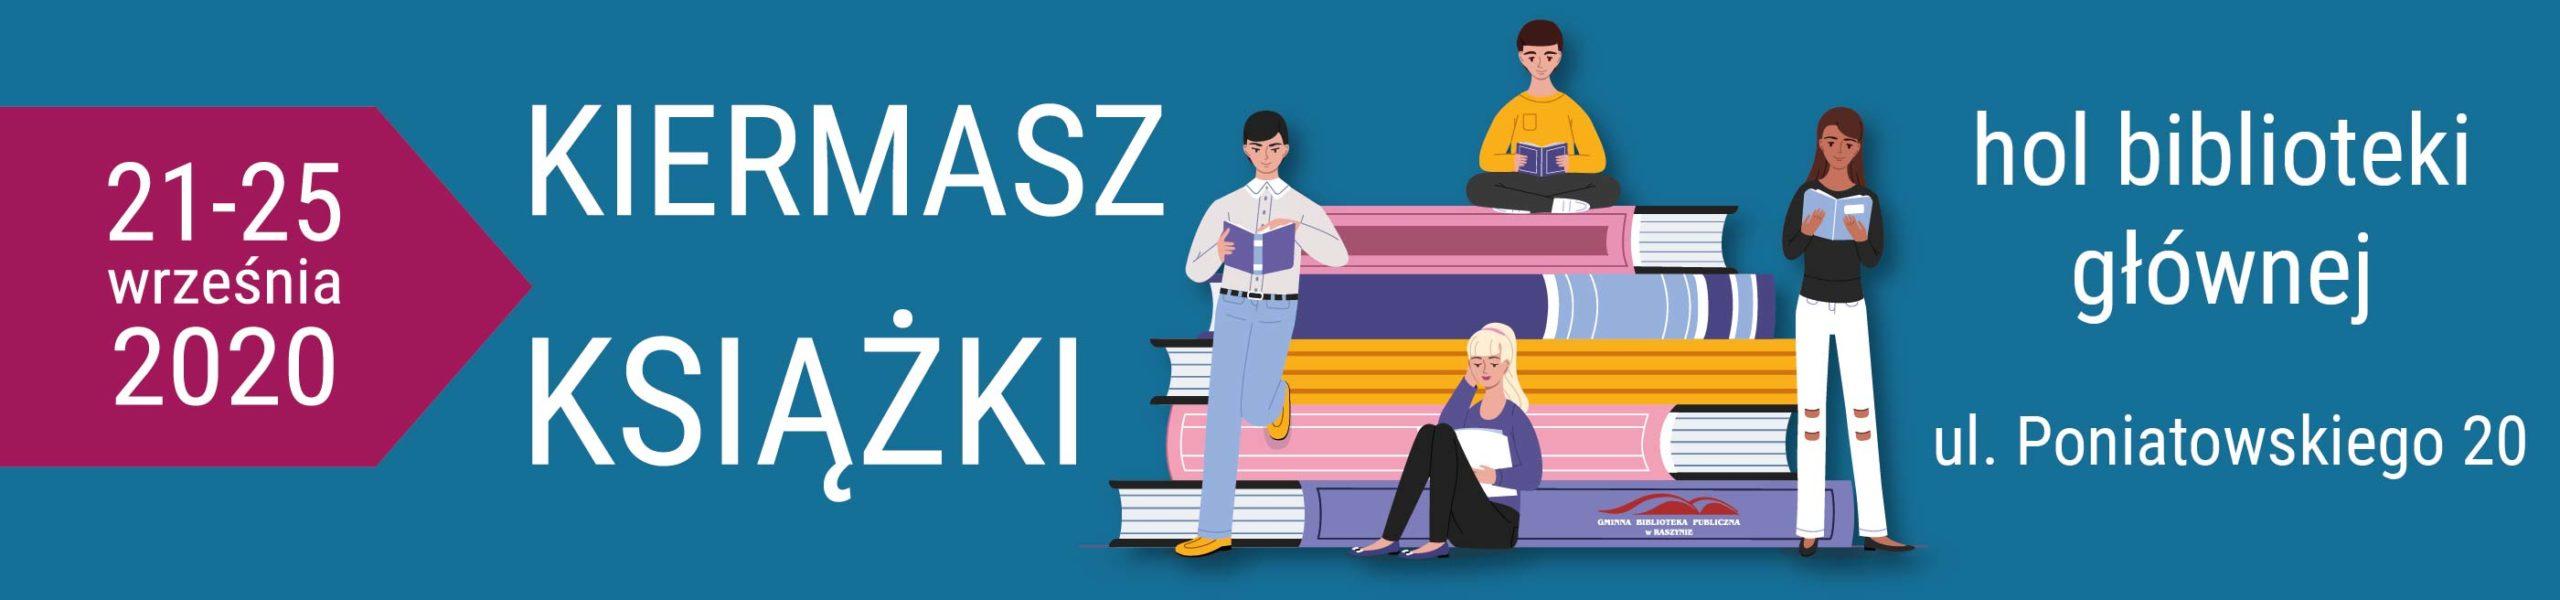 kiermasz-ksiazki-baner